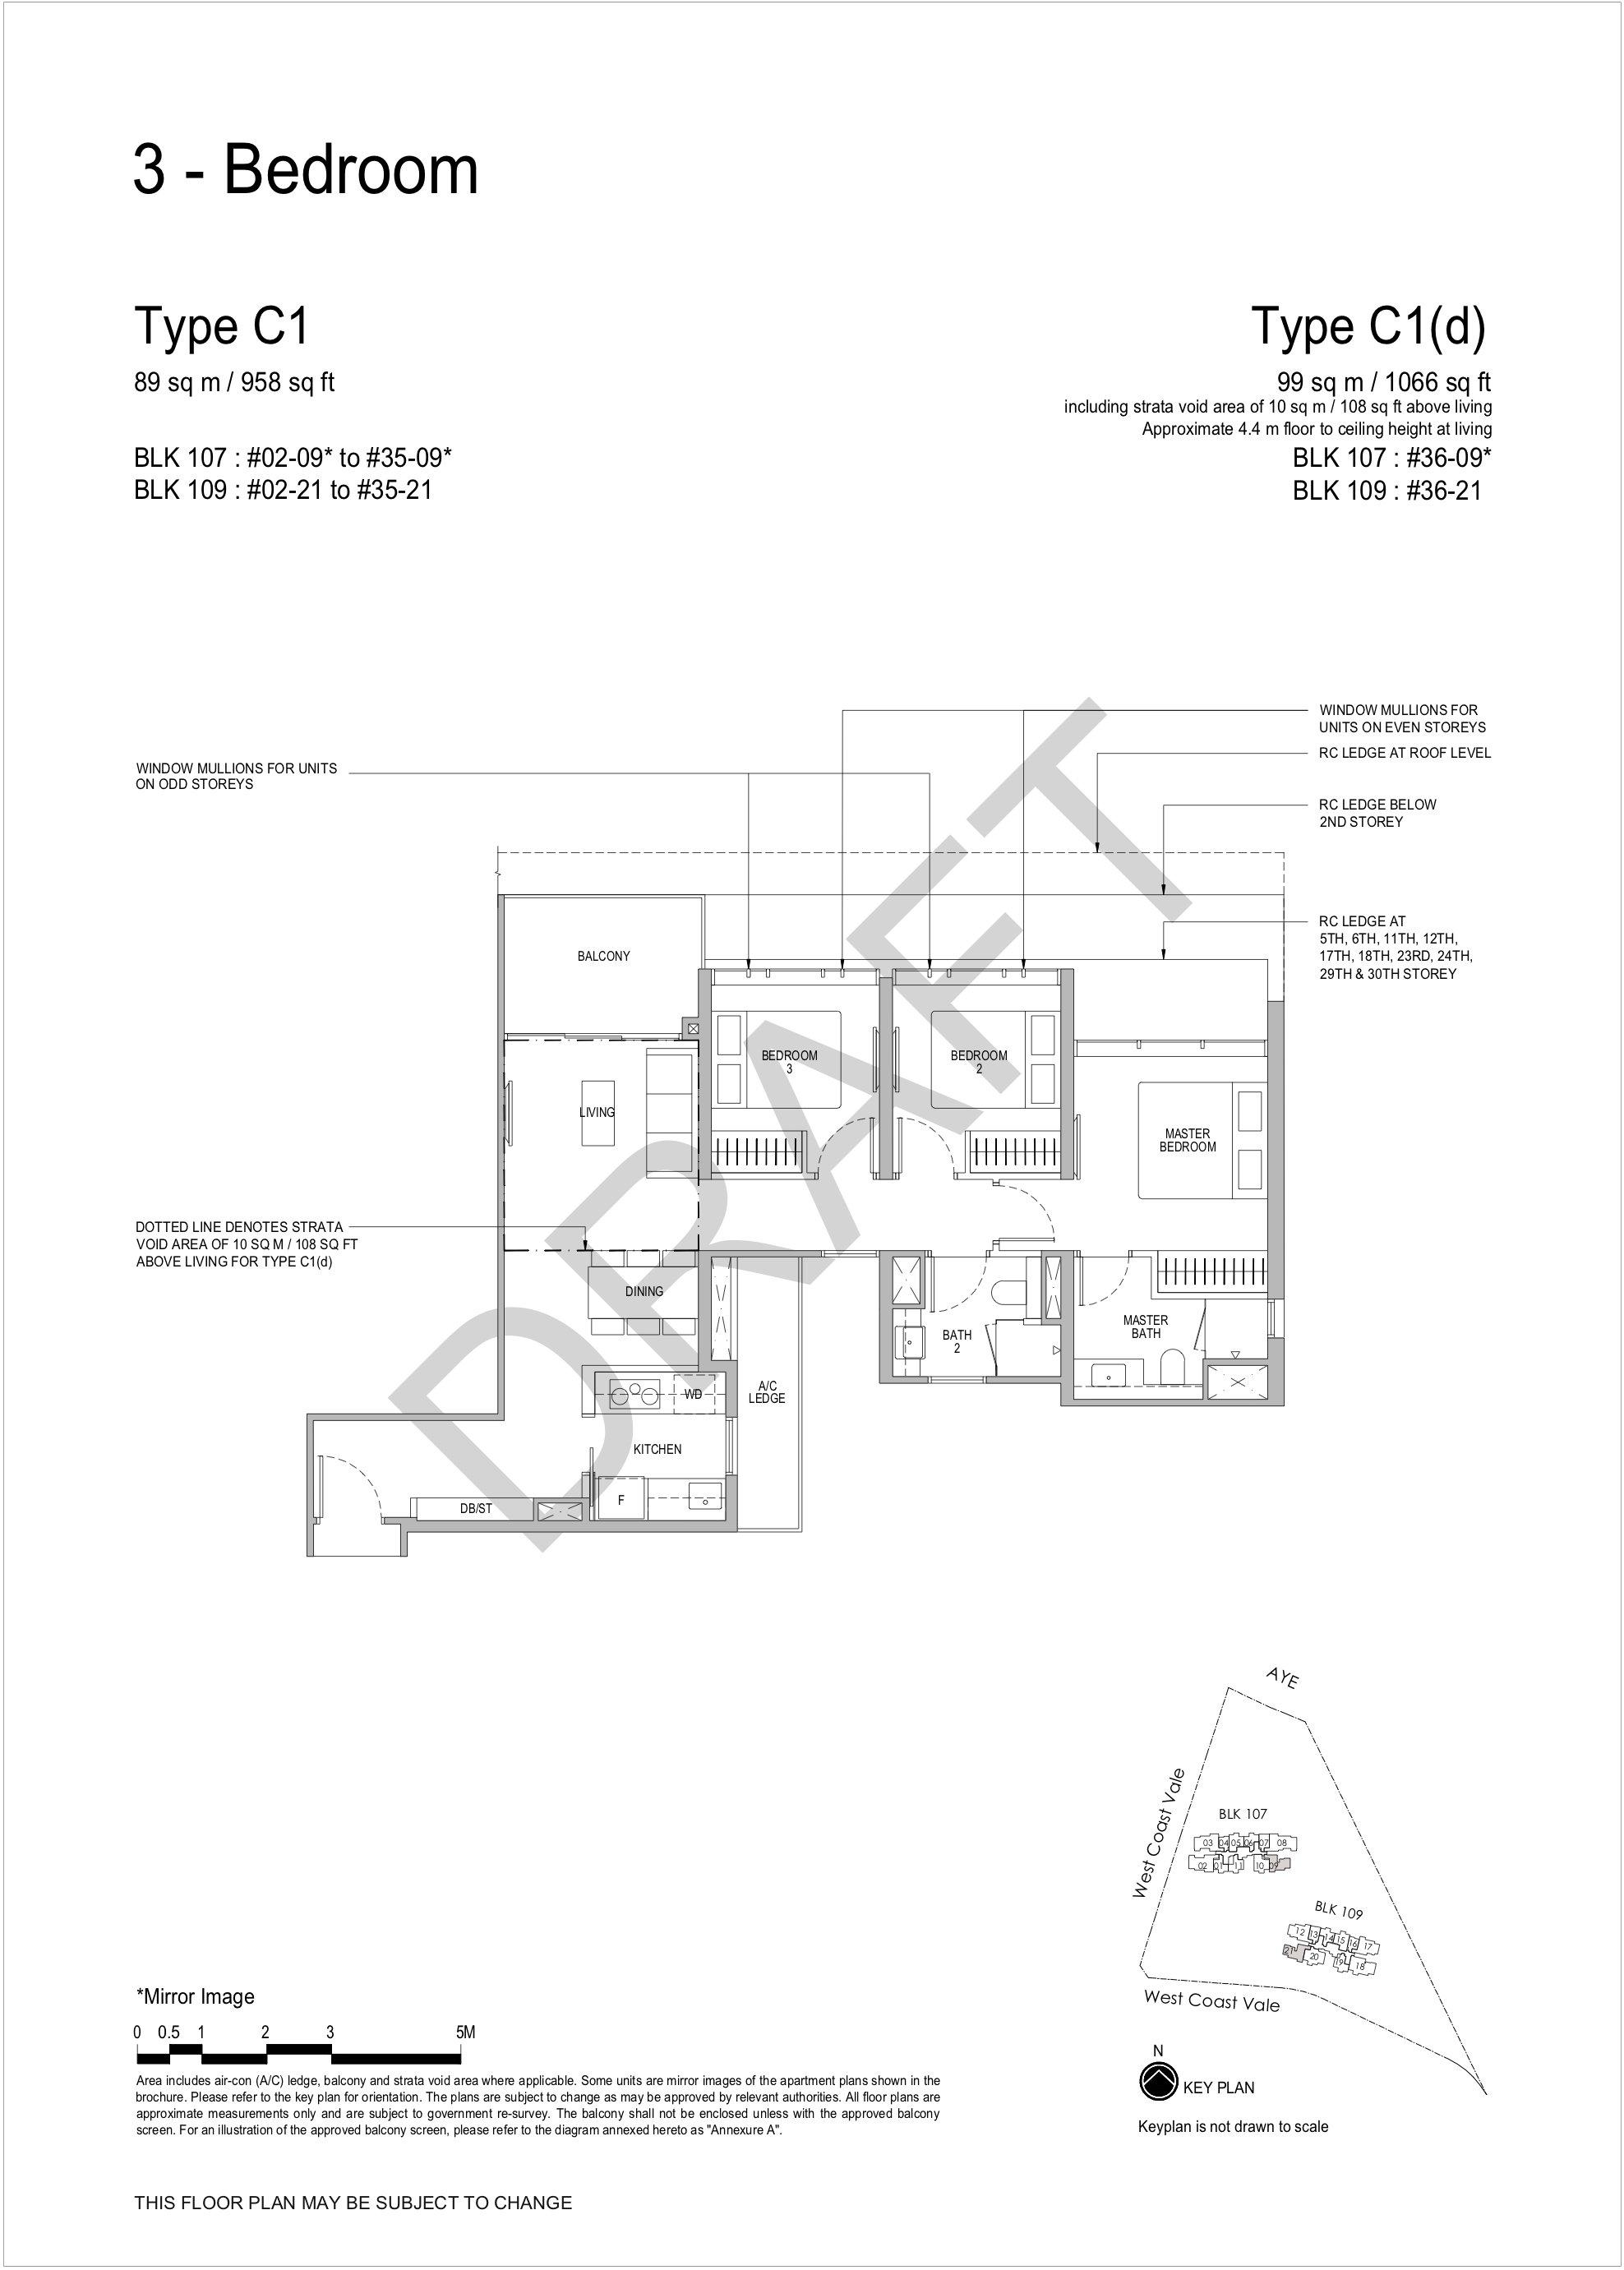 Whistler Grand 3 bedroom floor plan C1